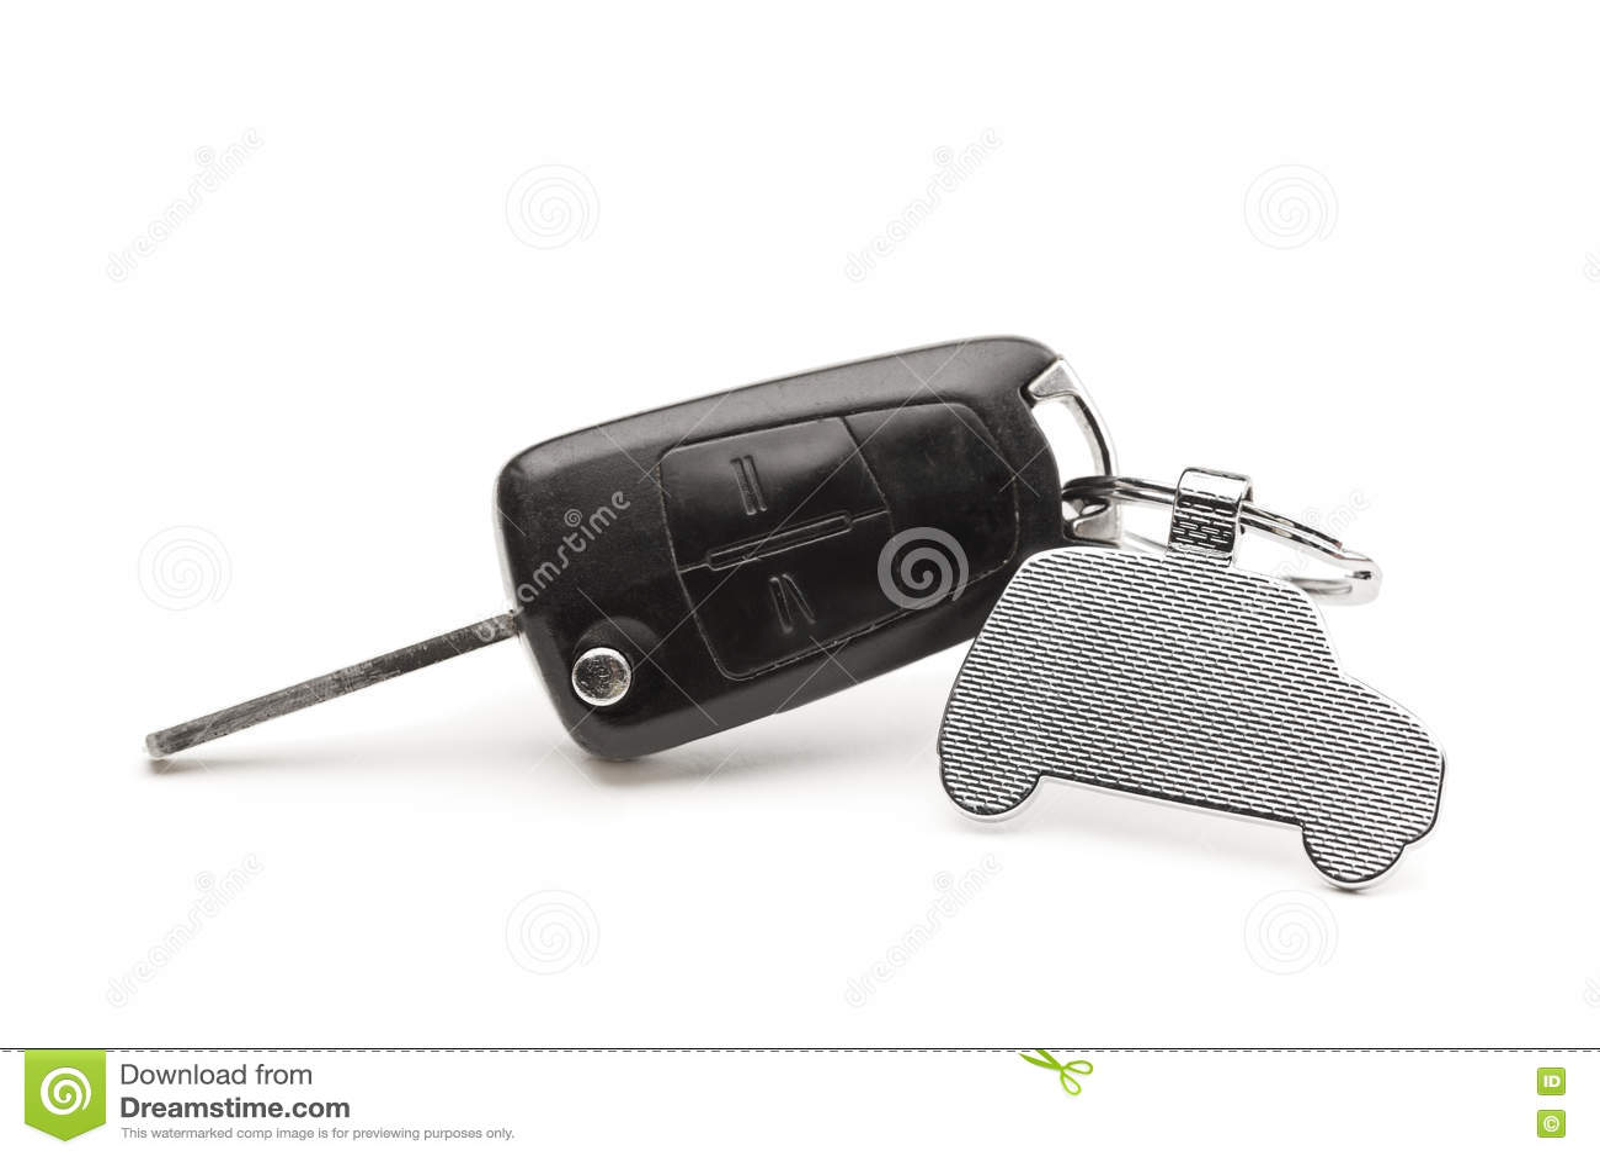 Chave do carro com uma porta-chaves sob a forma de um carro